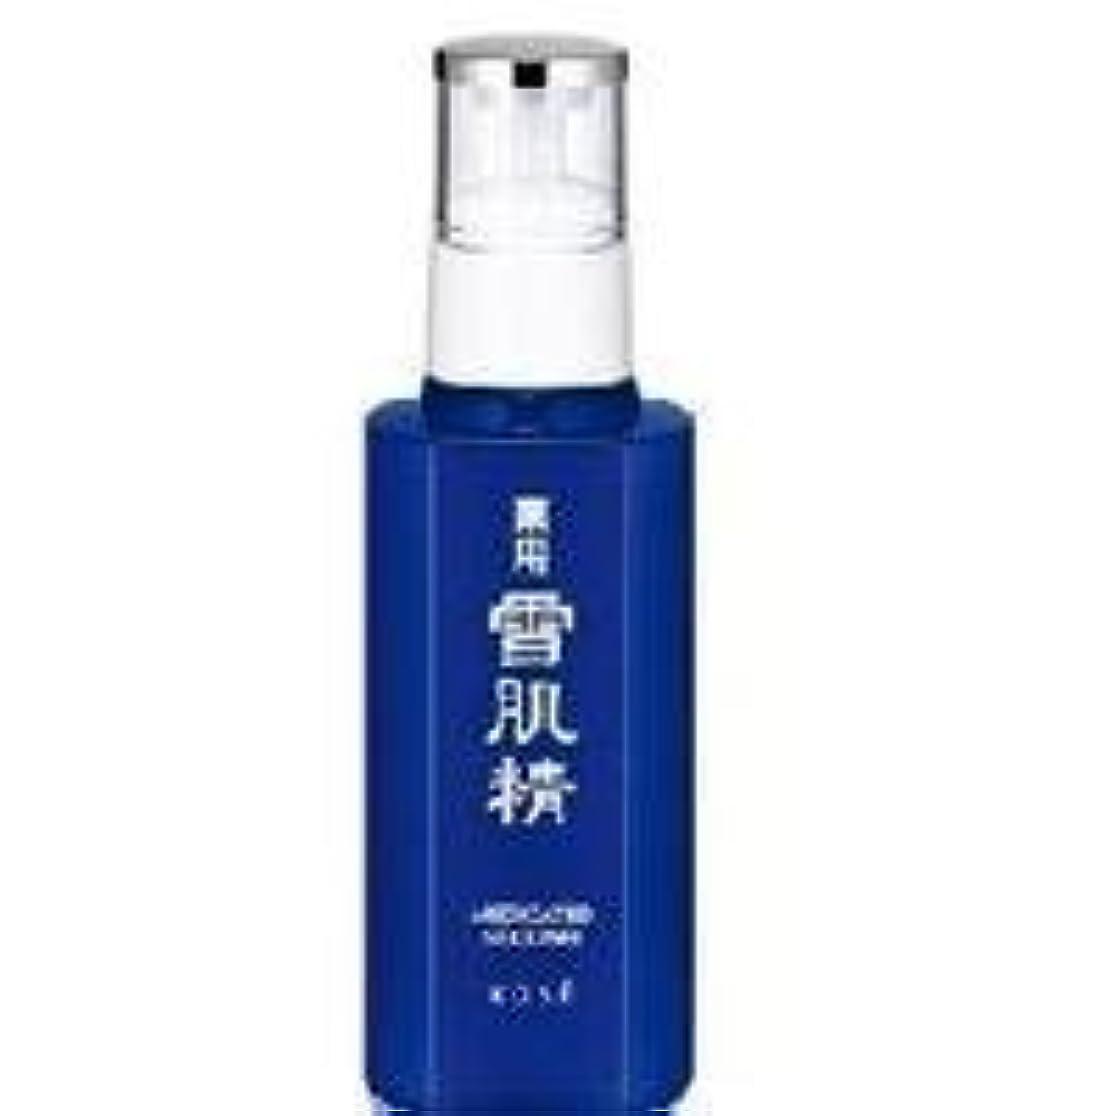 【限定トライアルサイズ】 コーセー 薬用 雪肌精 乳液 70mL